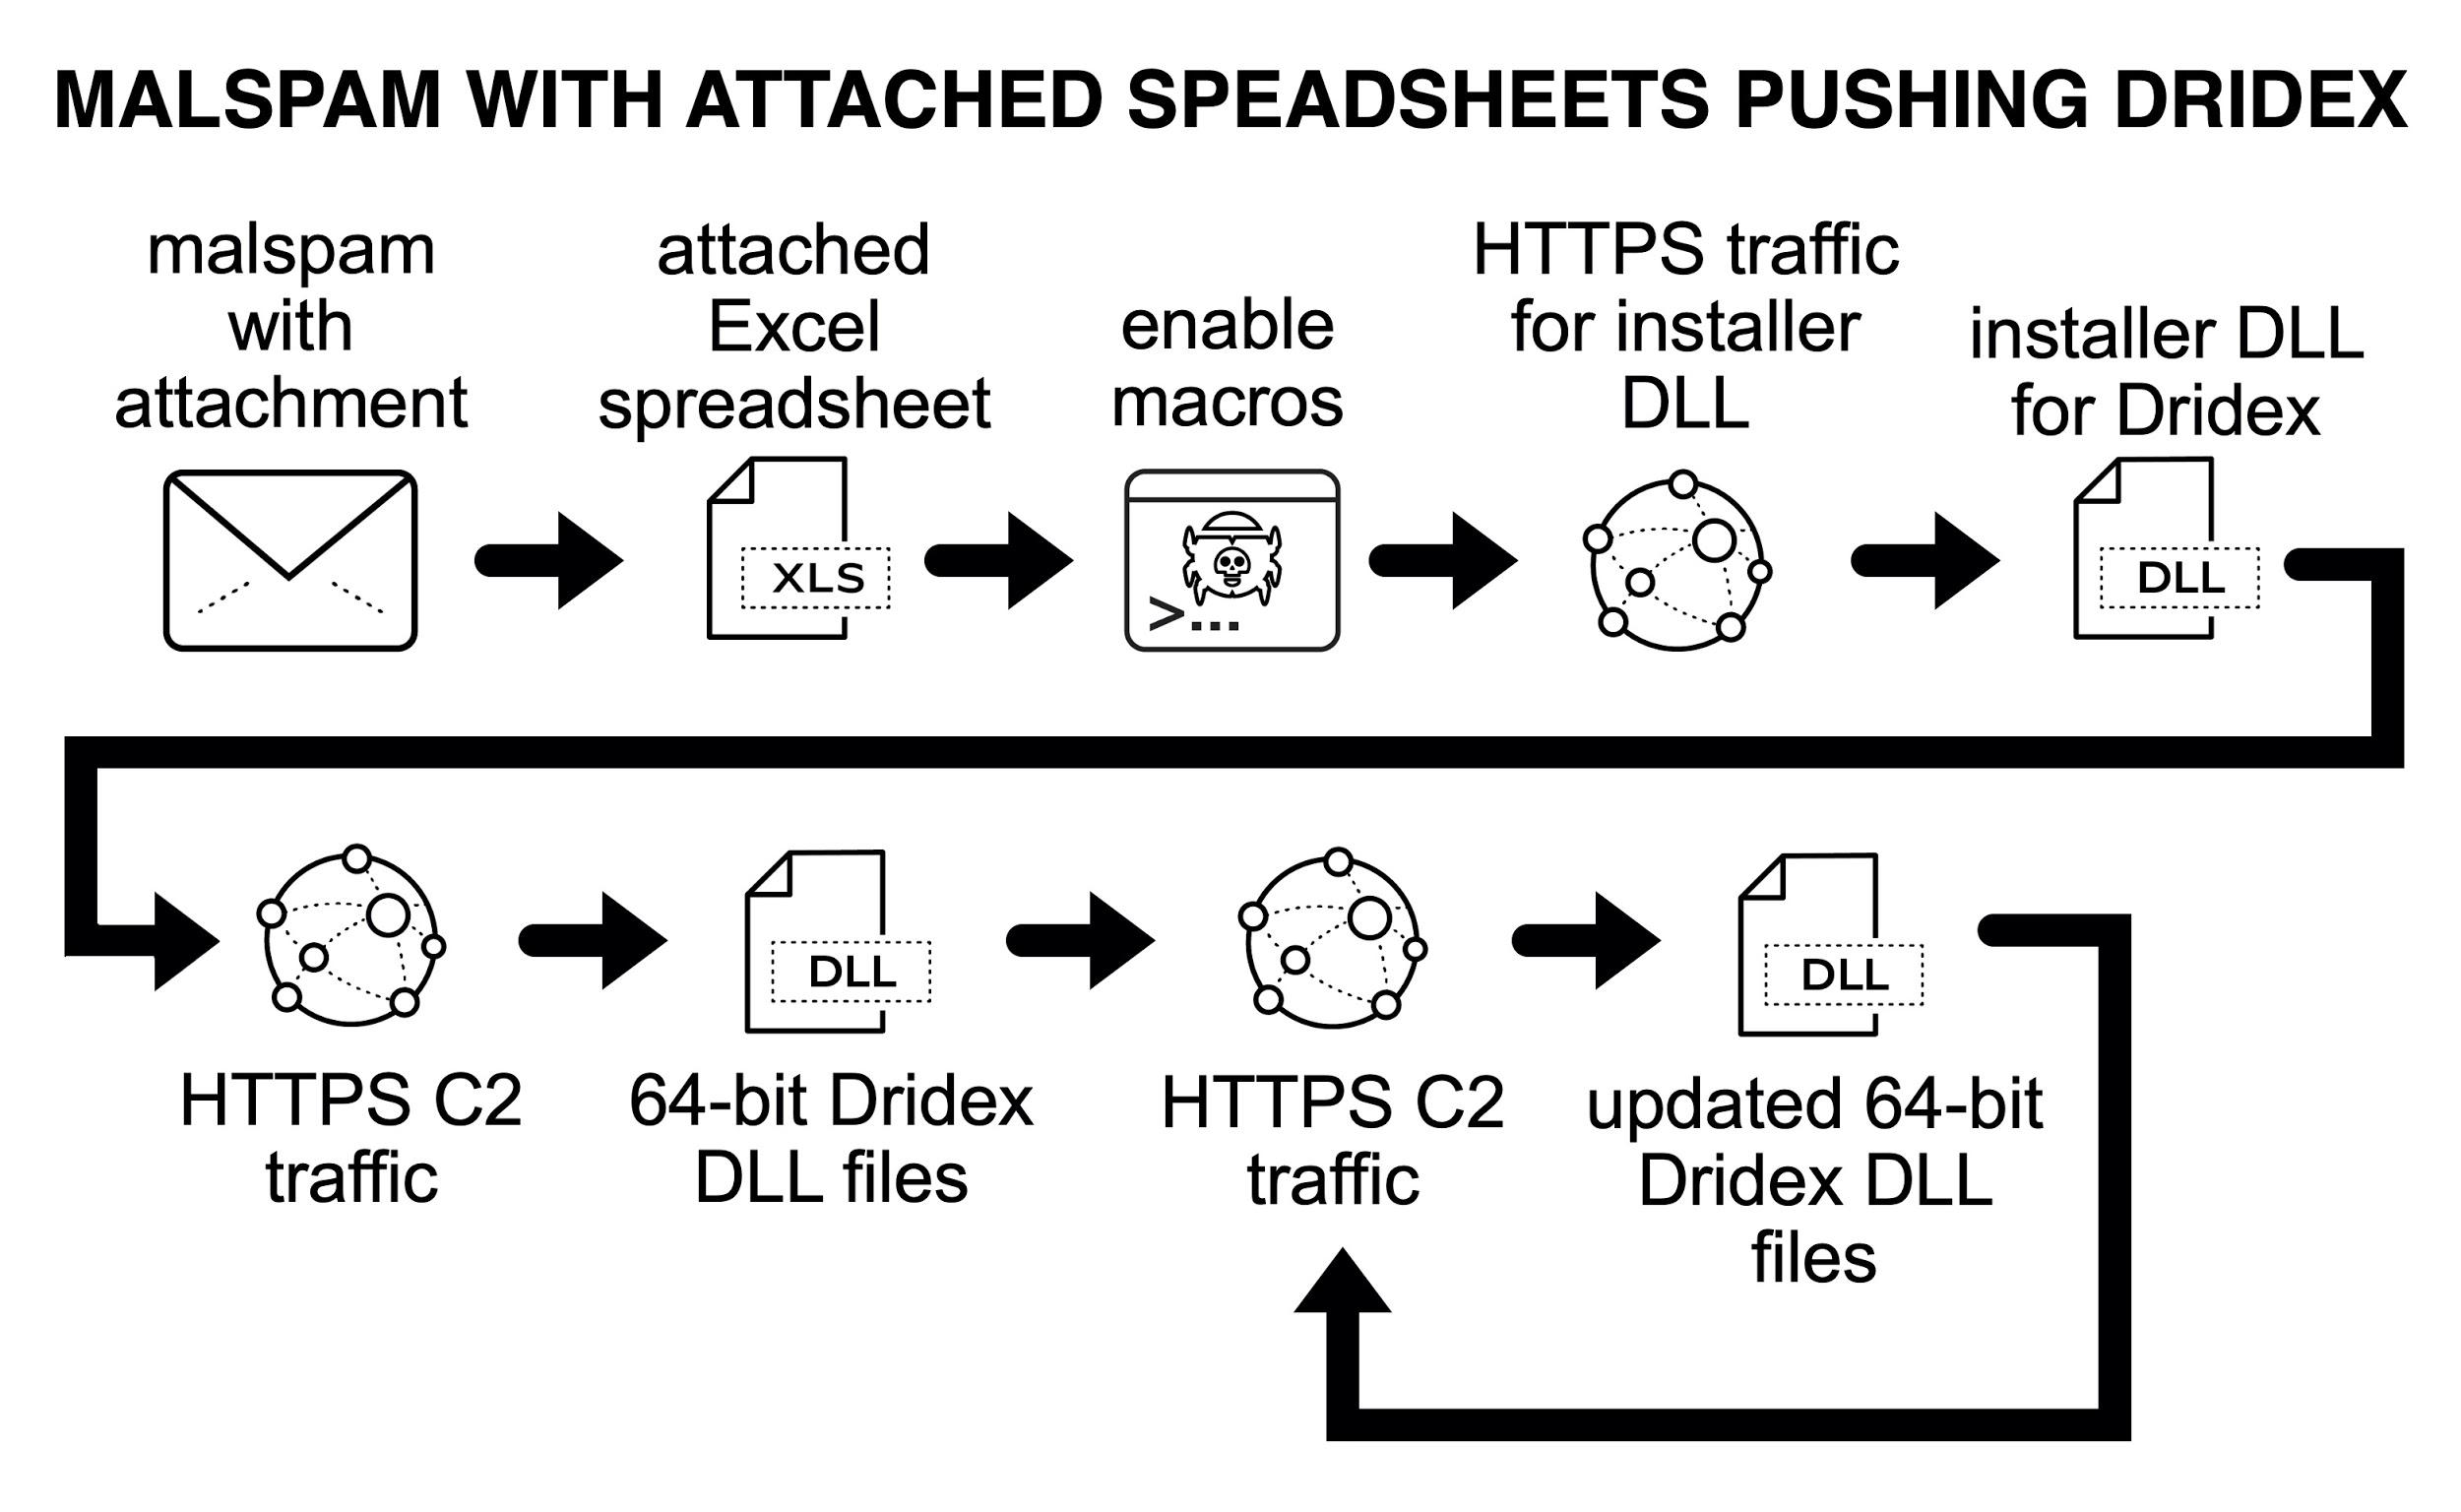 Dridexをプッシュするスプレッドシートが添付されたマルスパム。イベントのチェーンは次のとおりです:添付ファイル付きのマルスパム、添付されたExcelスプレッドシート、有効化マクロ、インストーラーDLLのHTTPSトラフィック、DridexのインストーラーDLL、HTTPS C2トラフィック、64ビットDridex DLLファイル、HTTPS C2トラフィック、更新された64ビットDridex DLLファイル